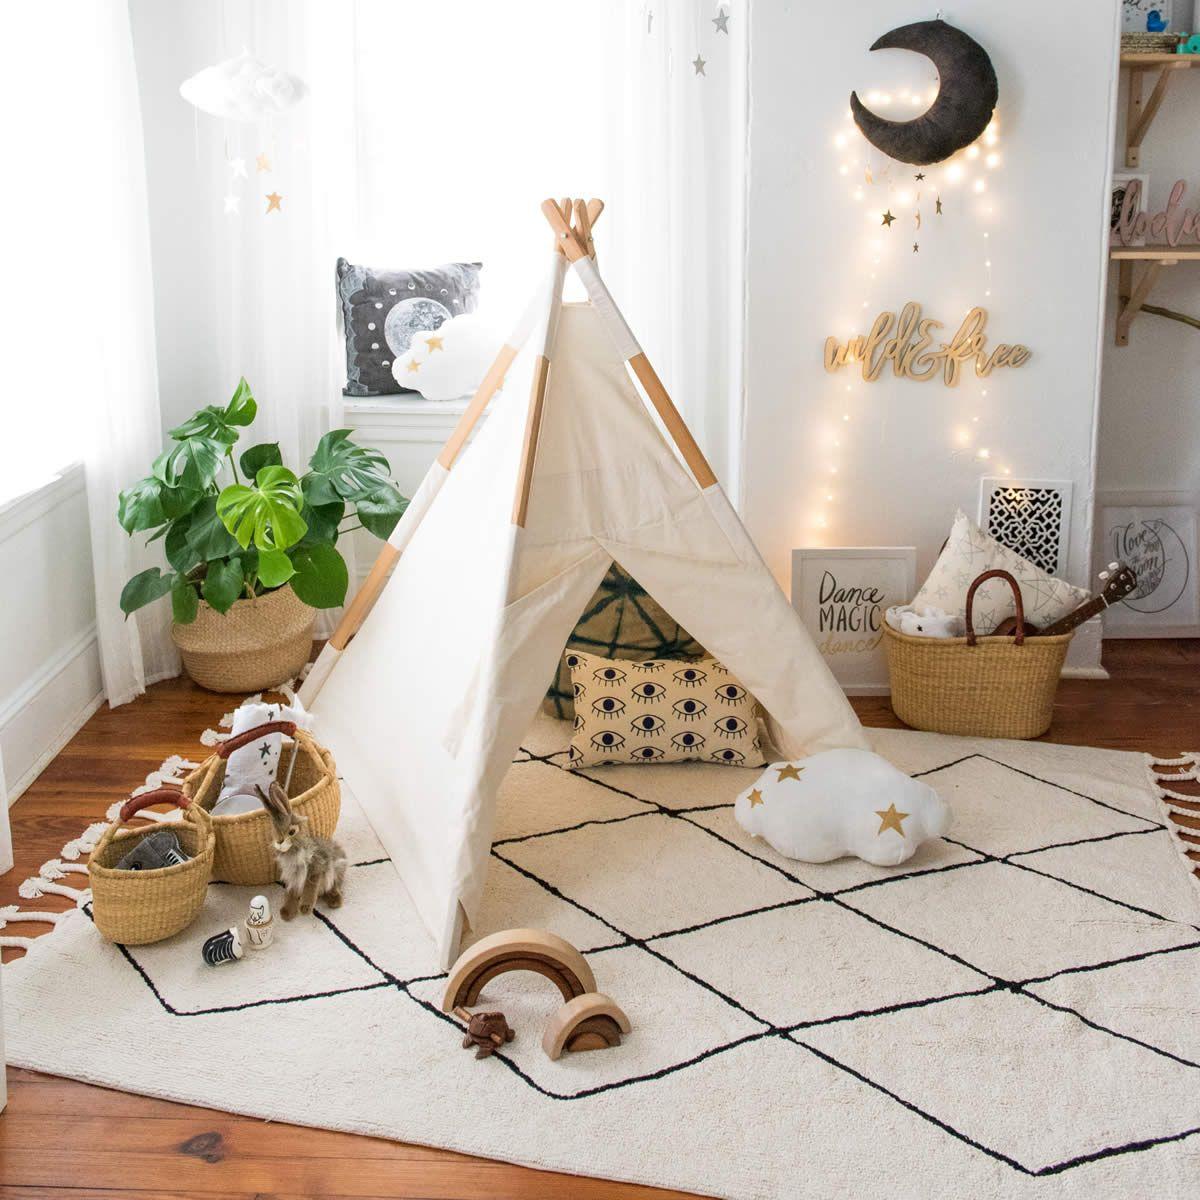 10 ideas para decorar el dormitorio infantil - Tipis